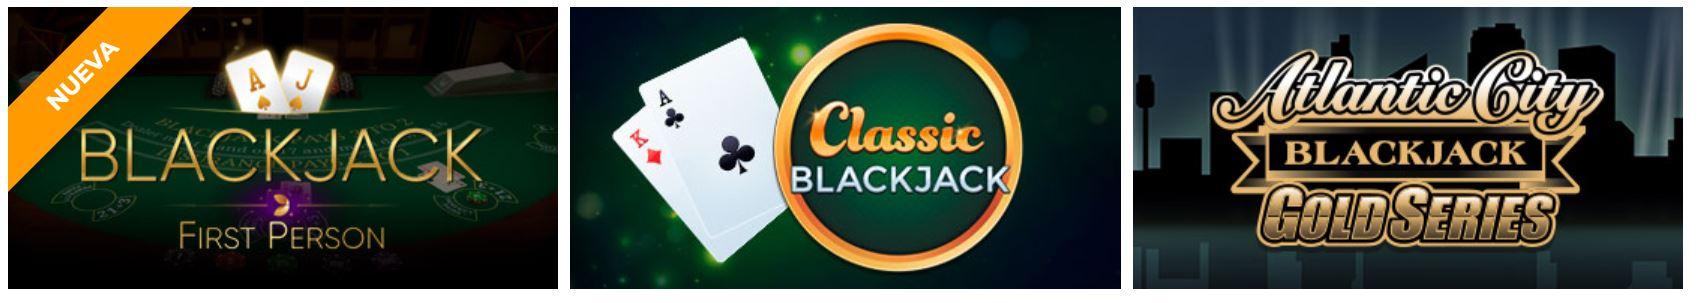 Podrás jugar a blackjack ene ste sitio de juego online.